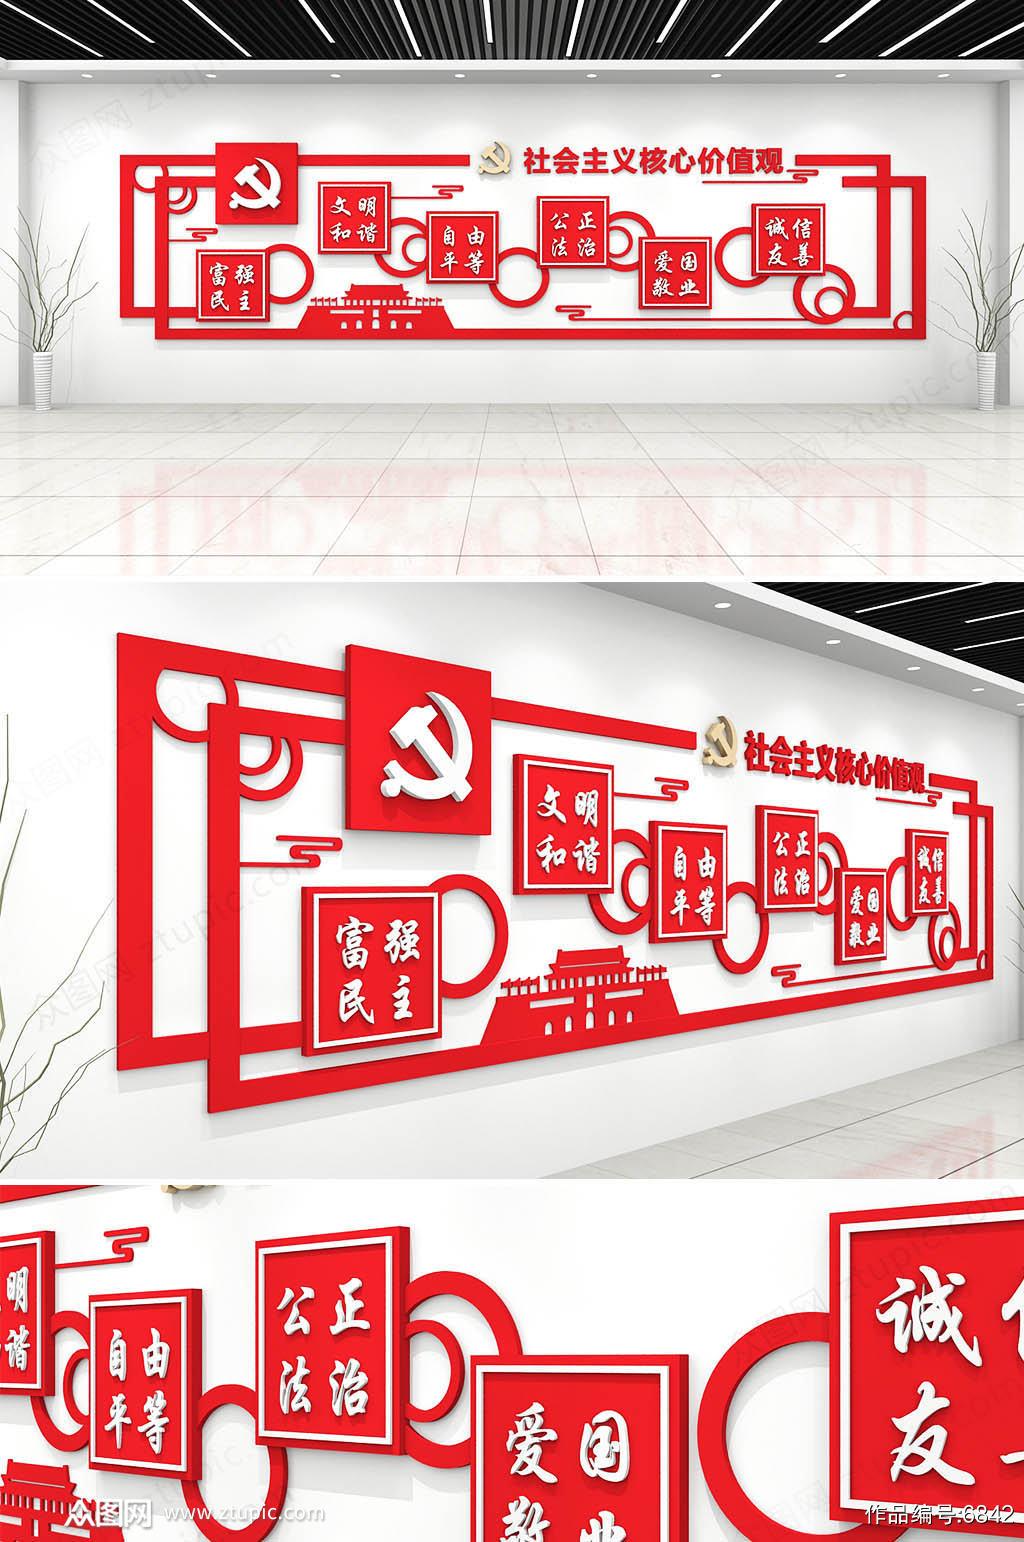 原创社会主义核心价值观文化党建文化墙设计素材